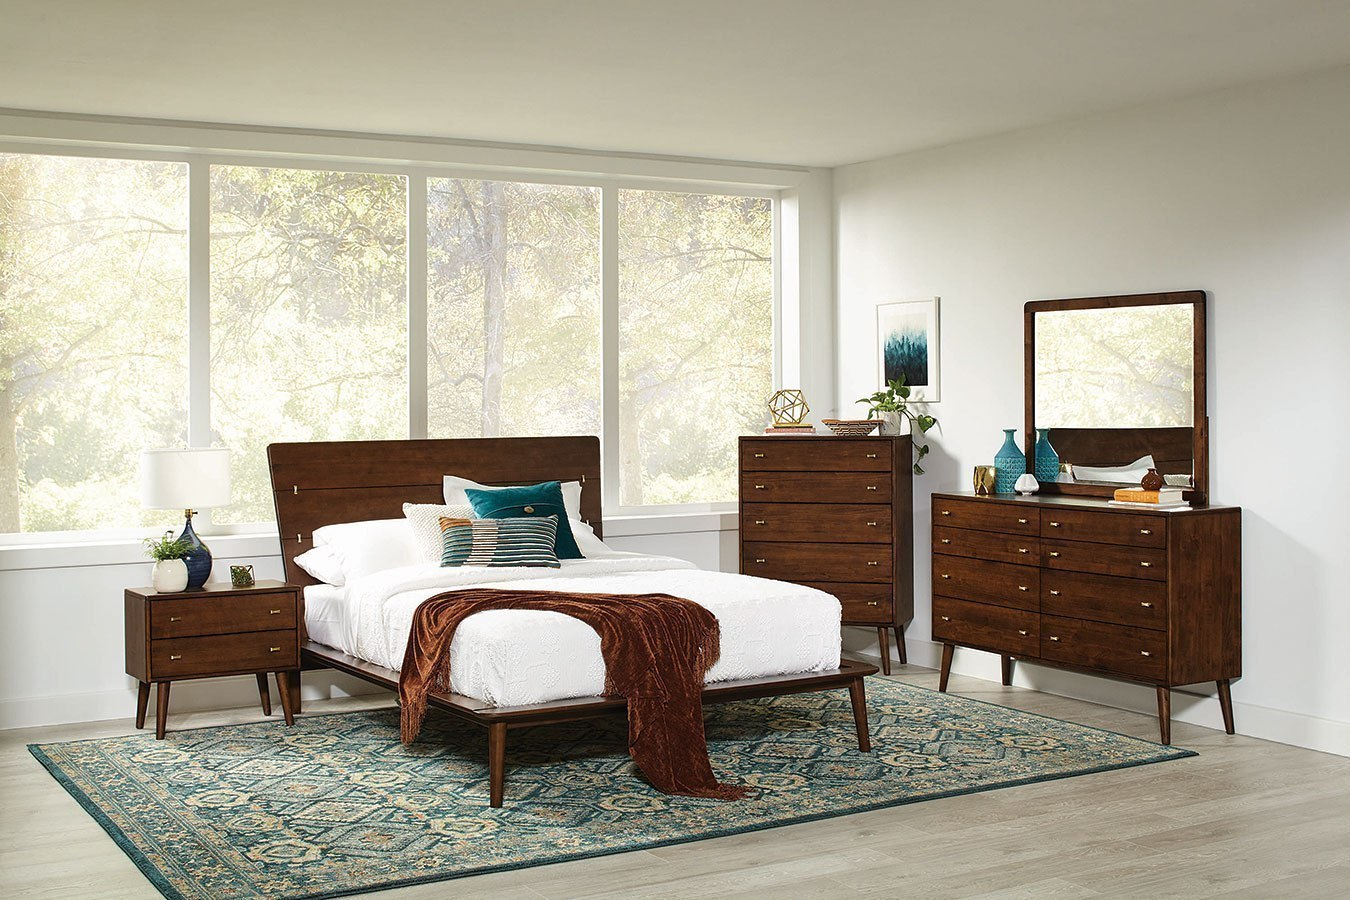 Wenham Platform Bedroom Set By Coaster Furniture Furniturepick